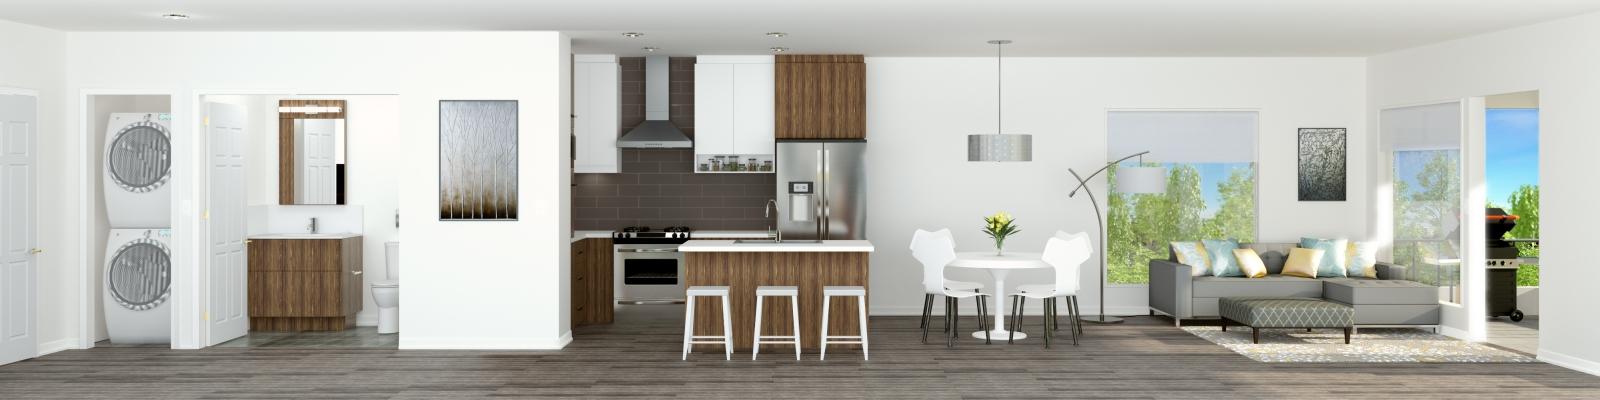 Progettazione interni per una casa su misura tassonedil for Progettazioni interni